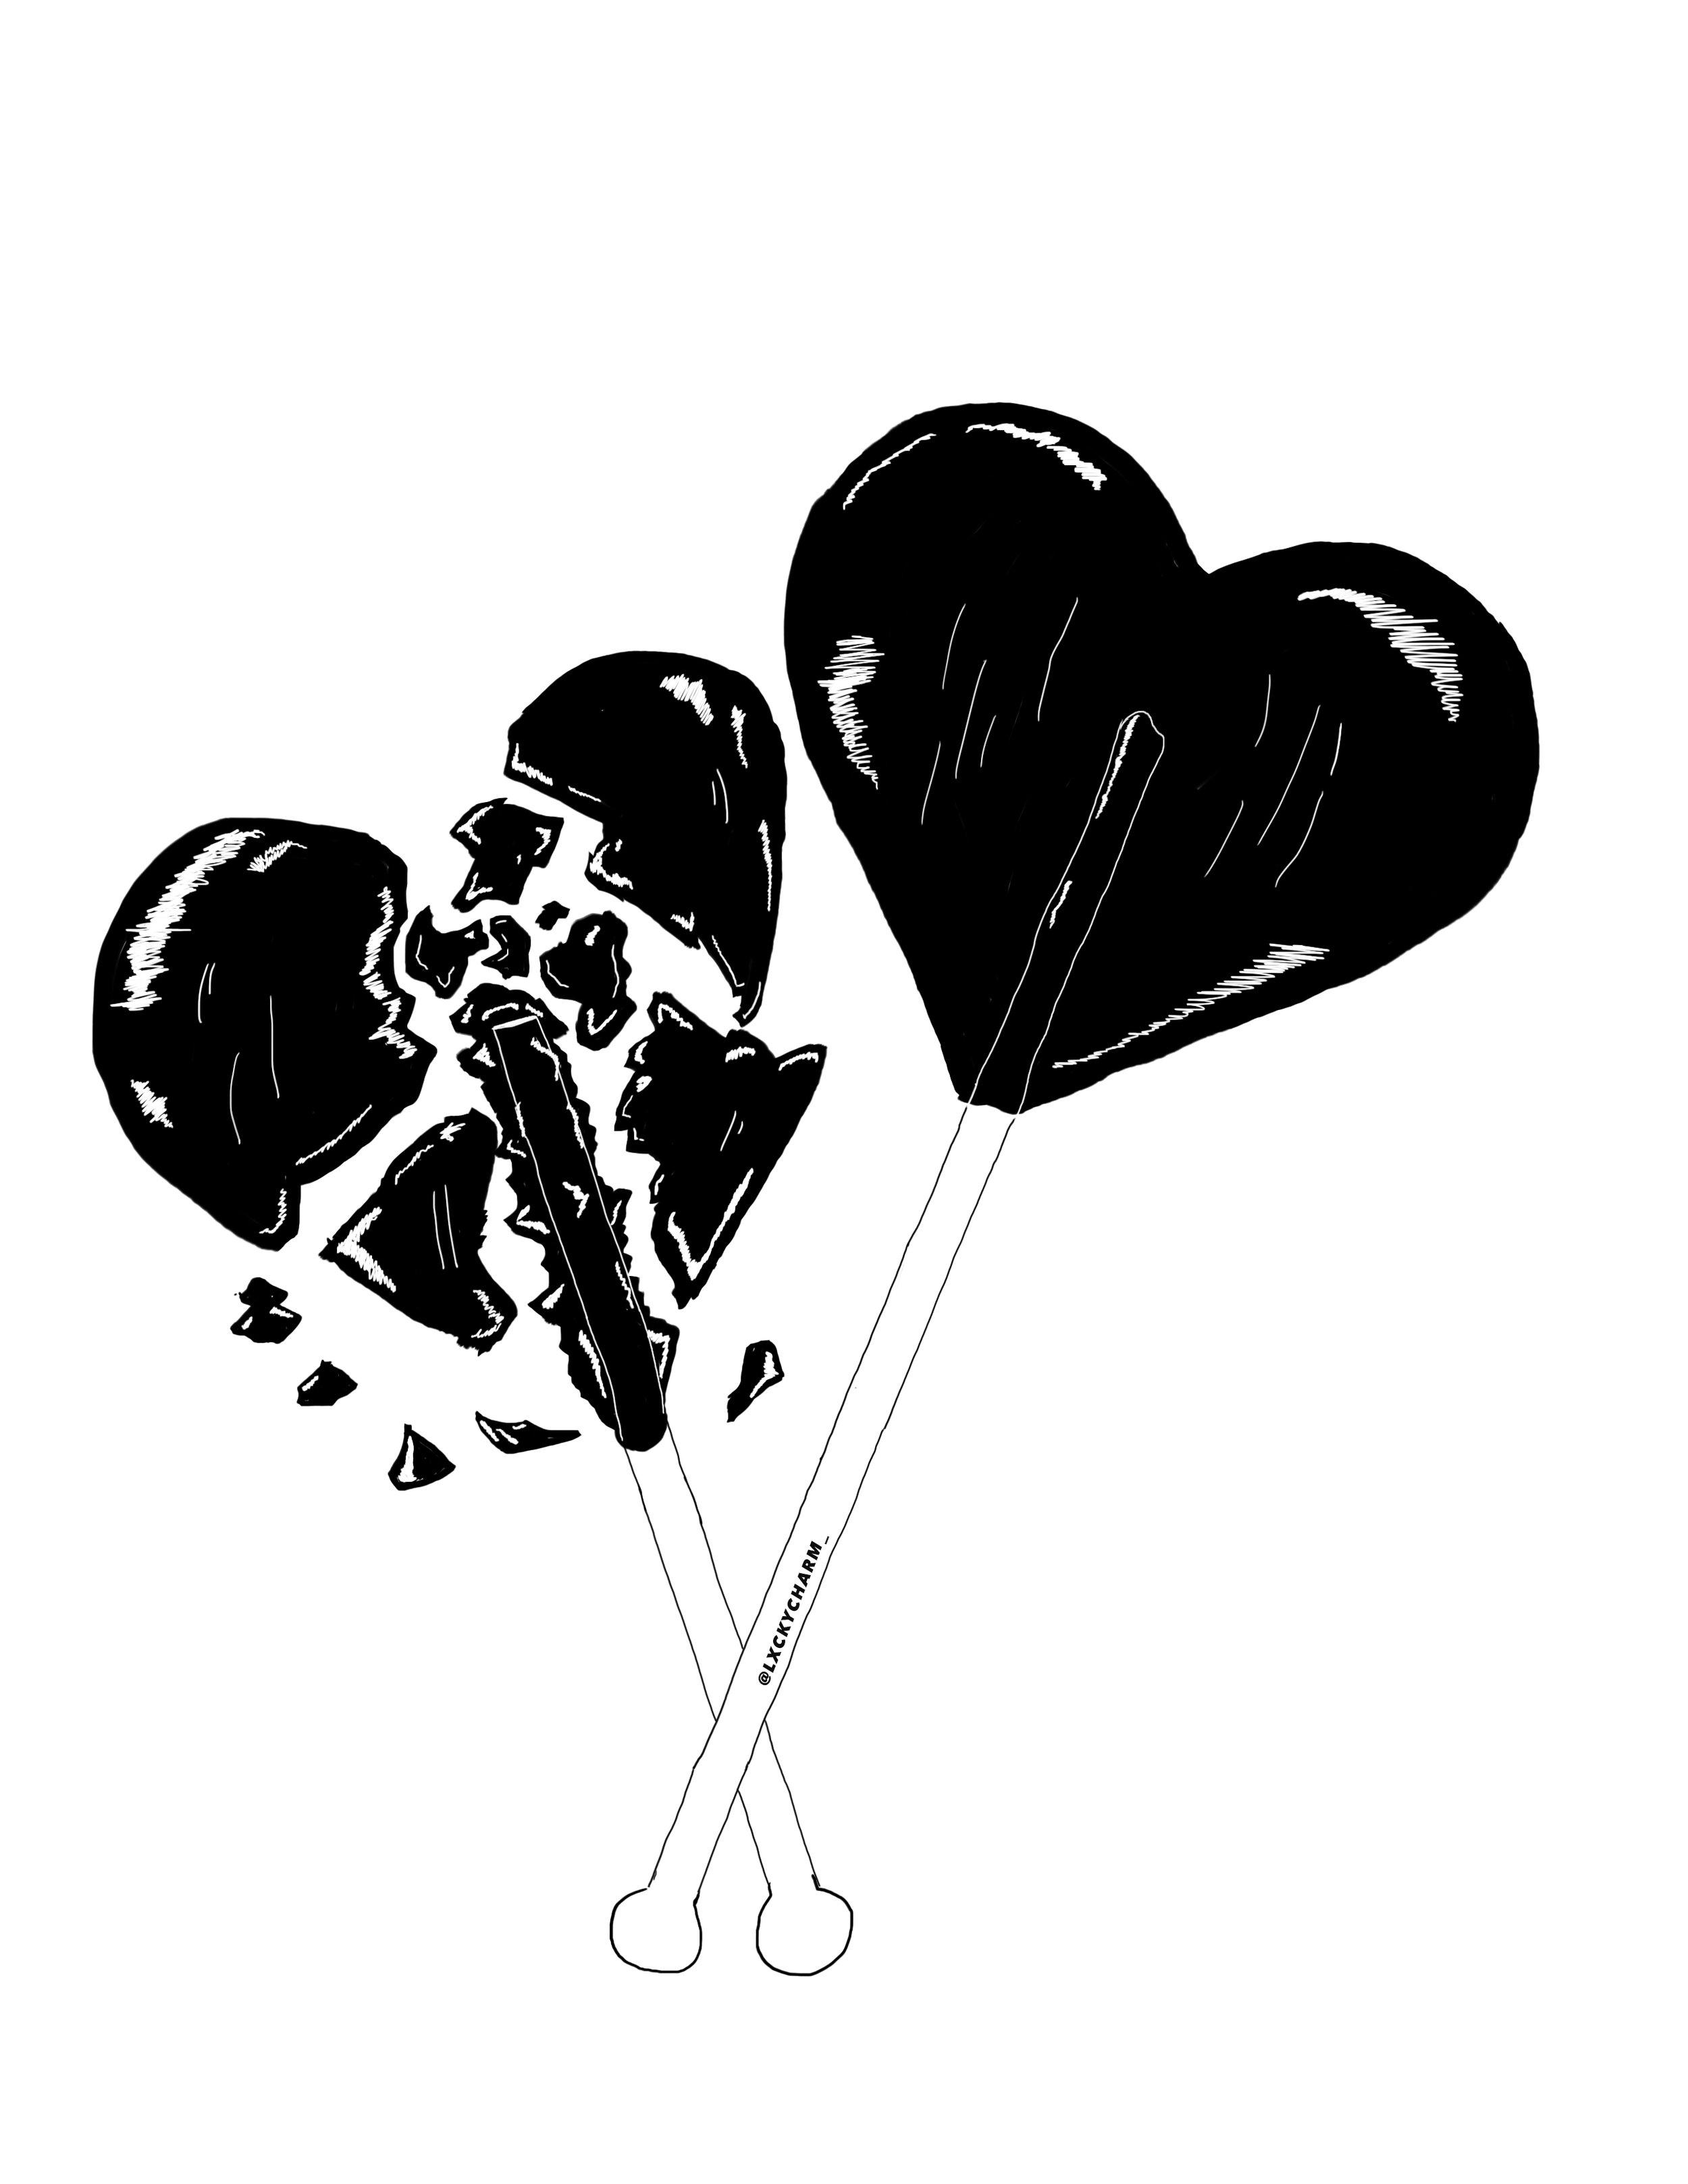 brokenhearts.jpg